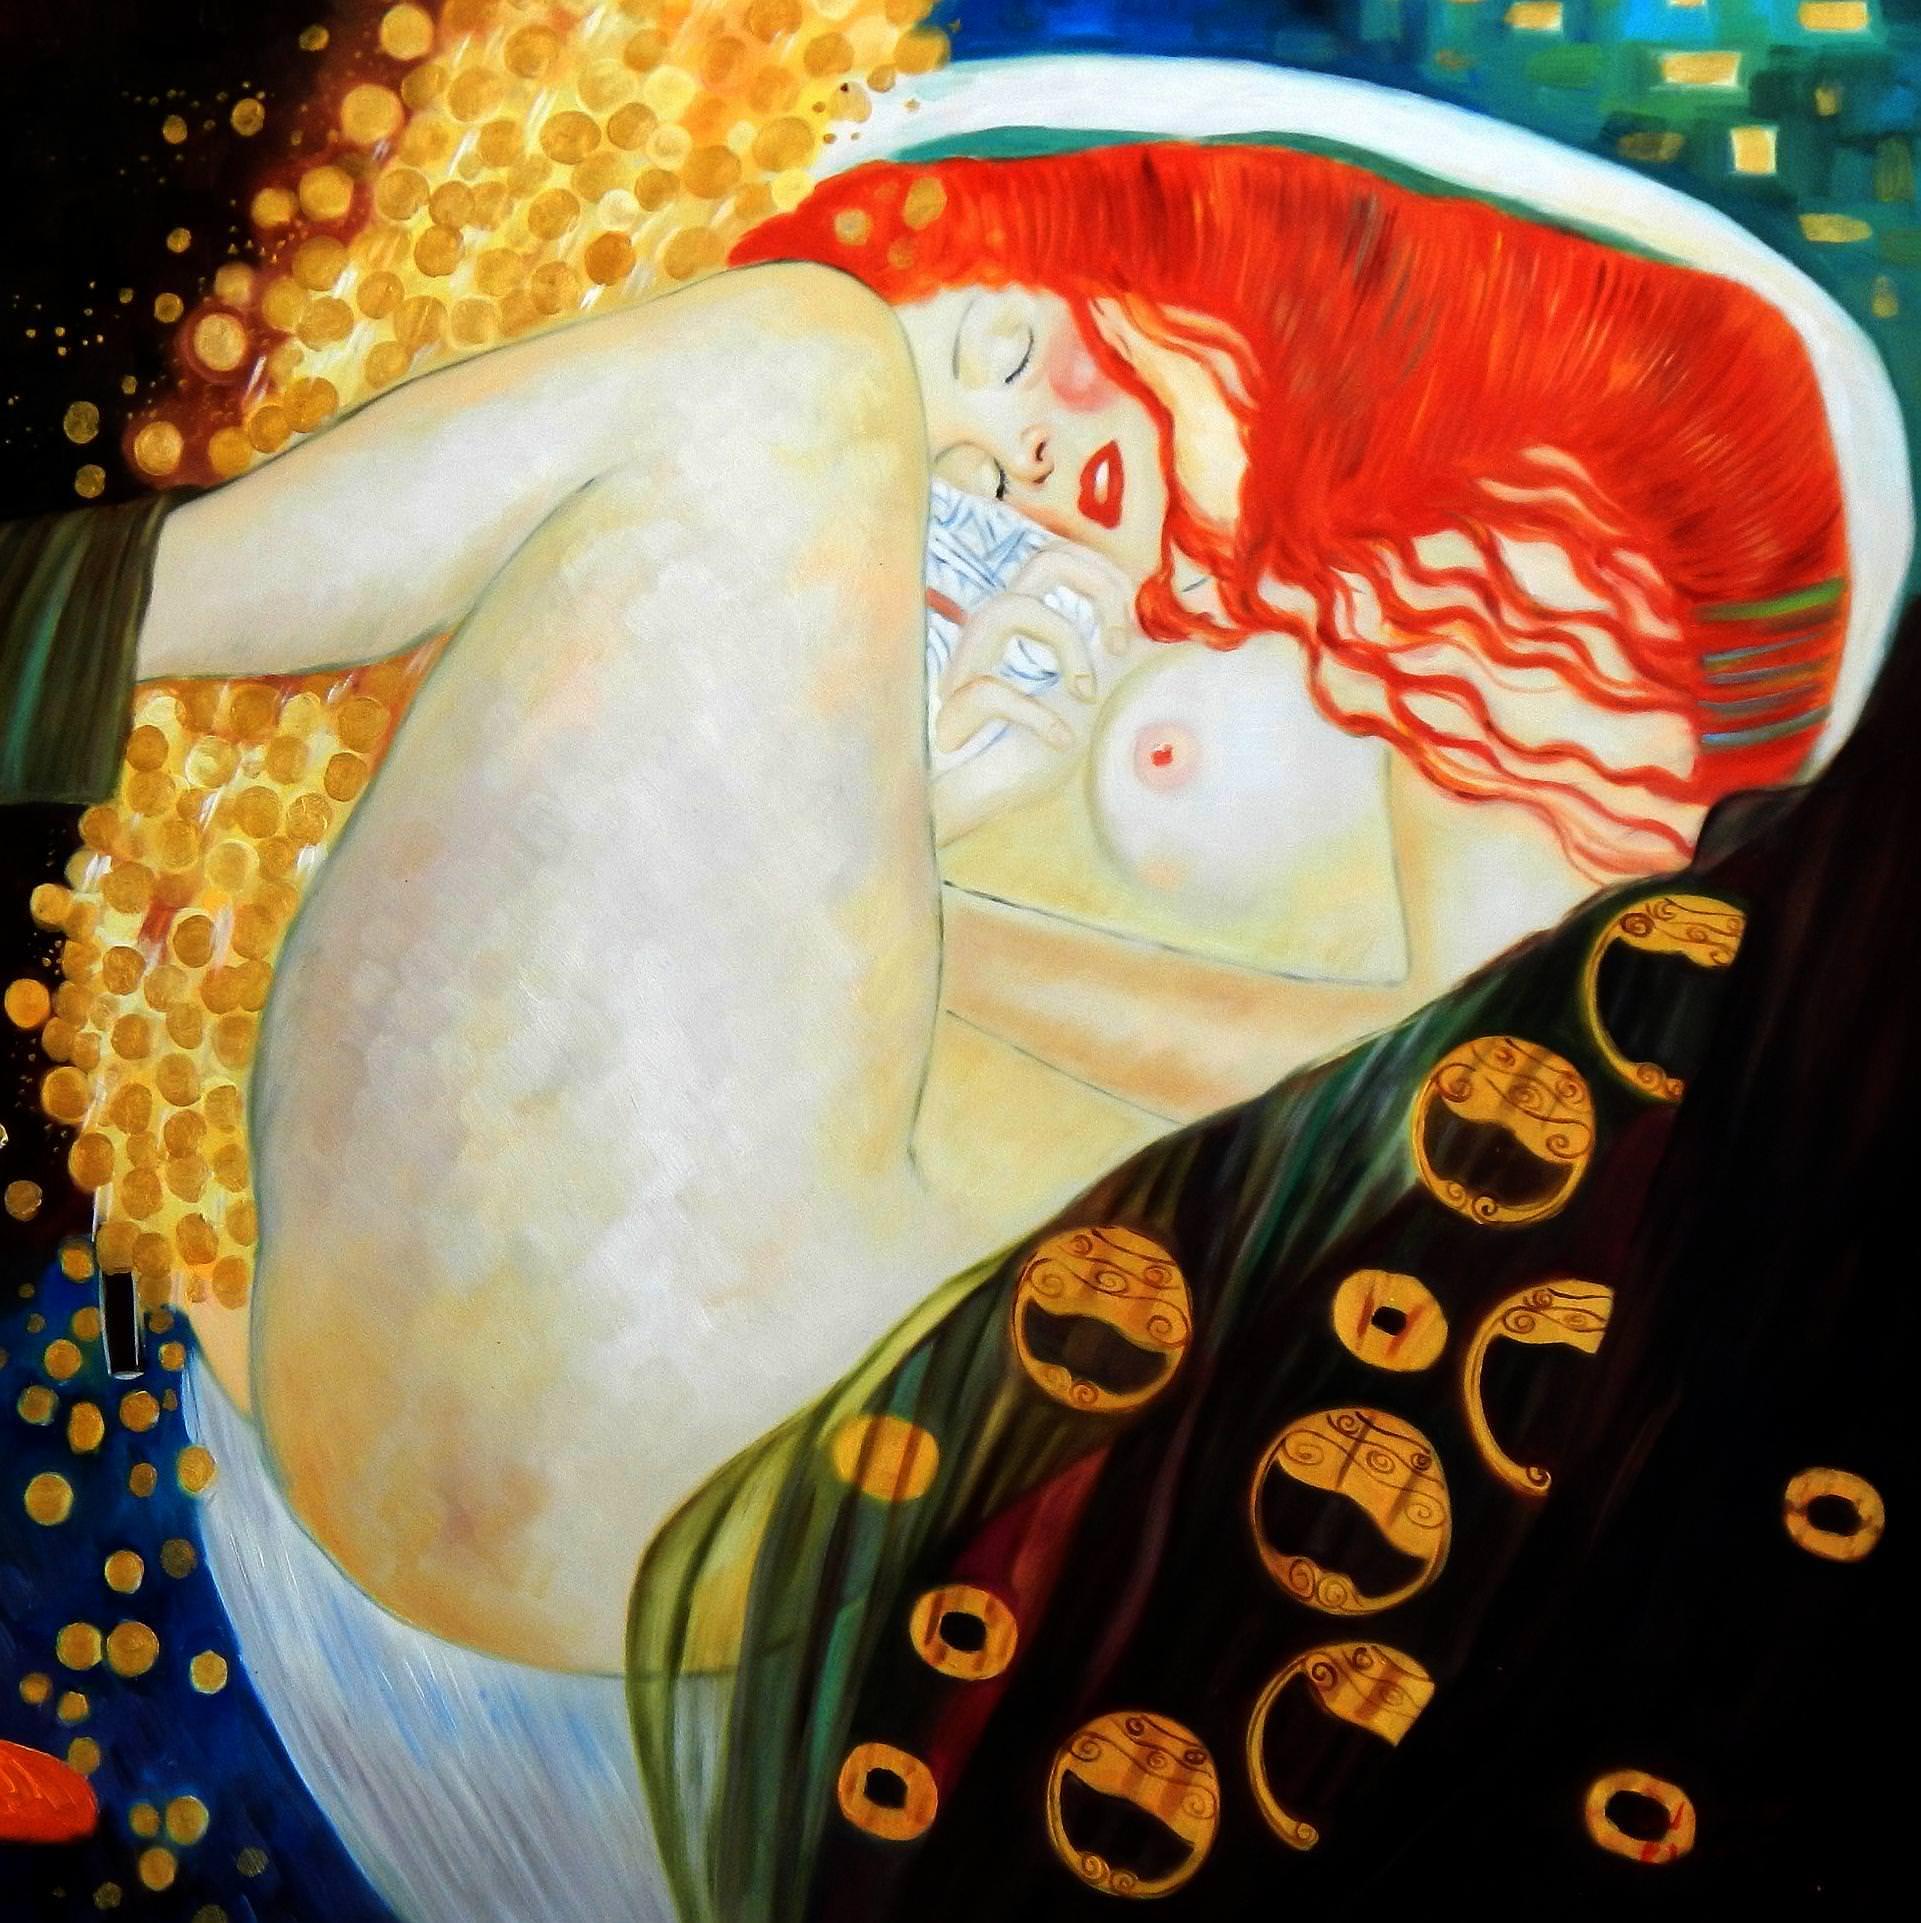 Gustav Klimt - Danae h94027 90x90cm exquisites Ölgemälde